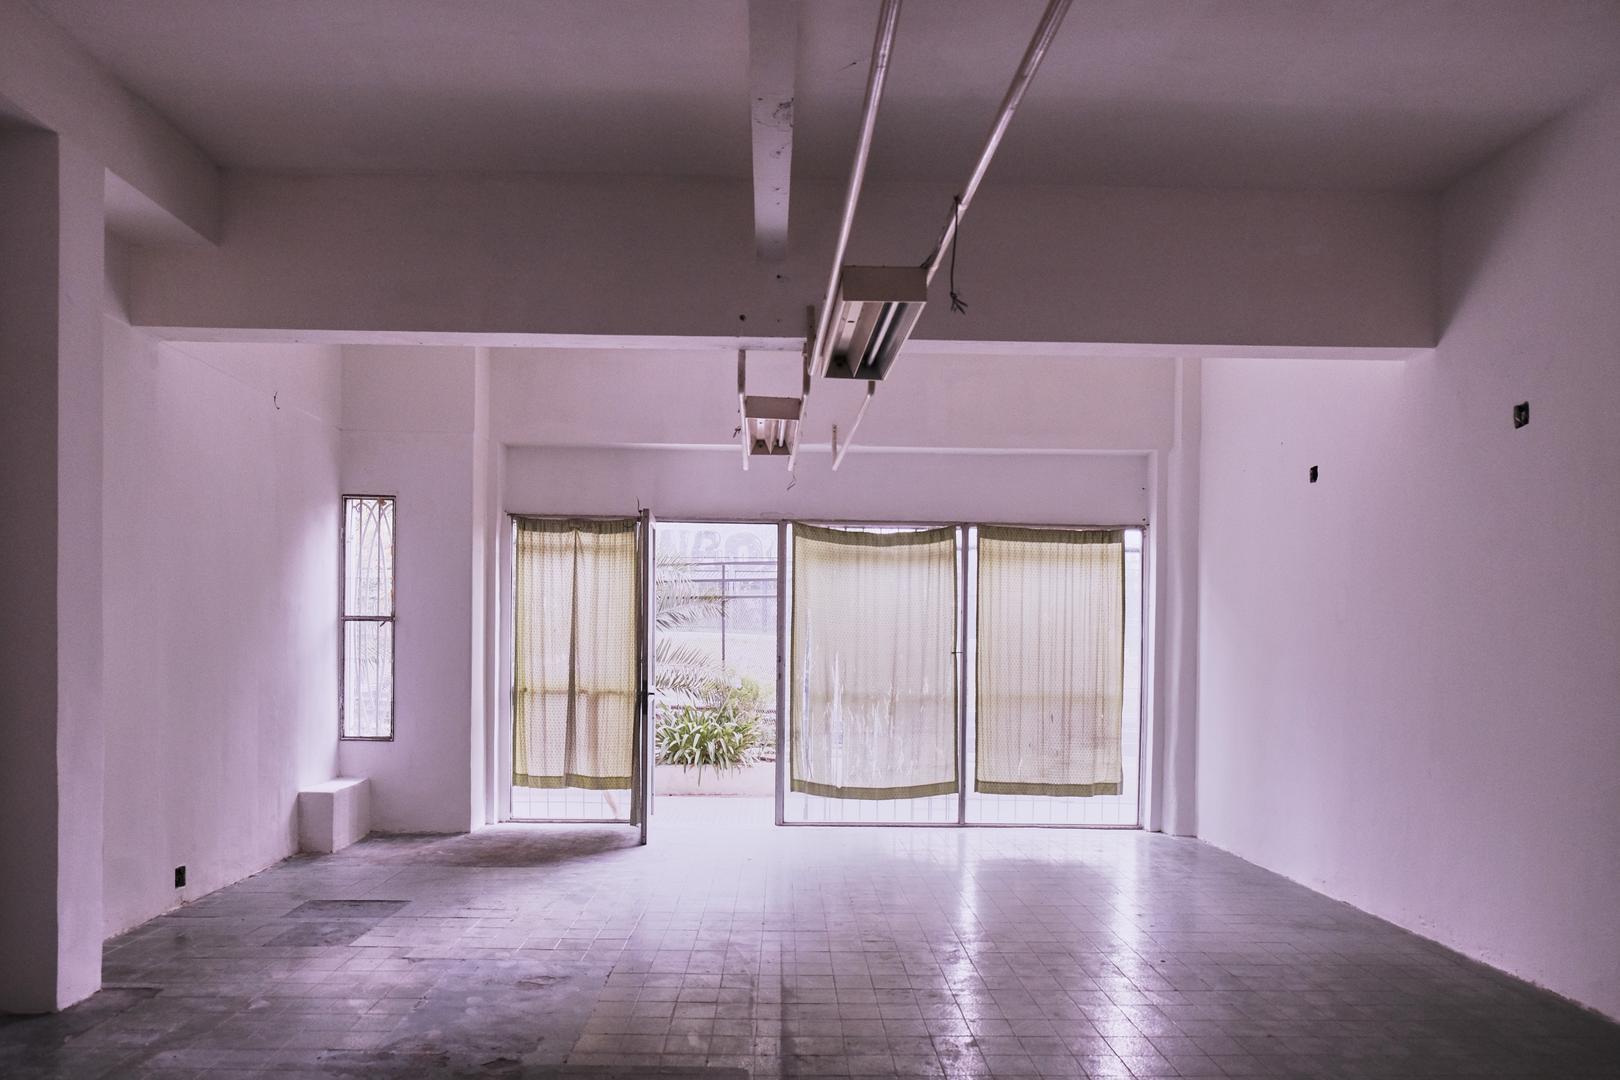 Departamento - 85 m² | 3 dormitorios | 60 años